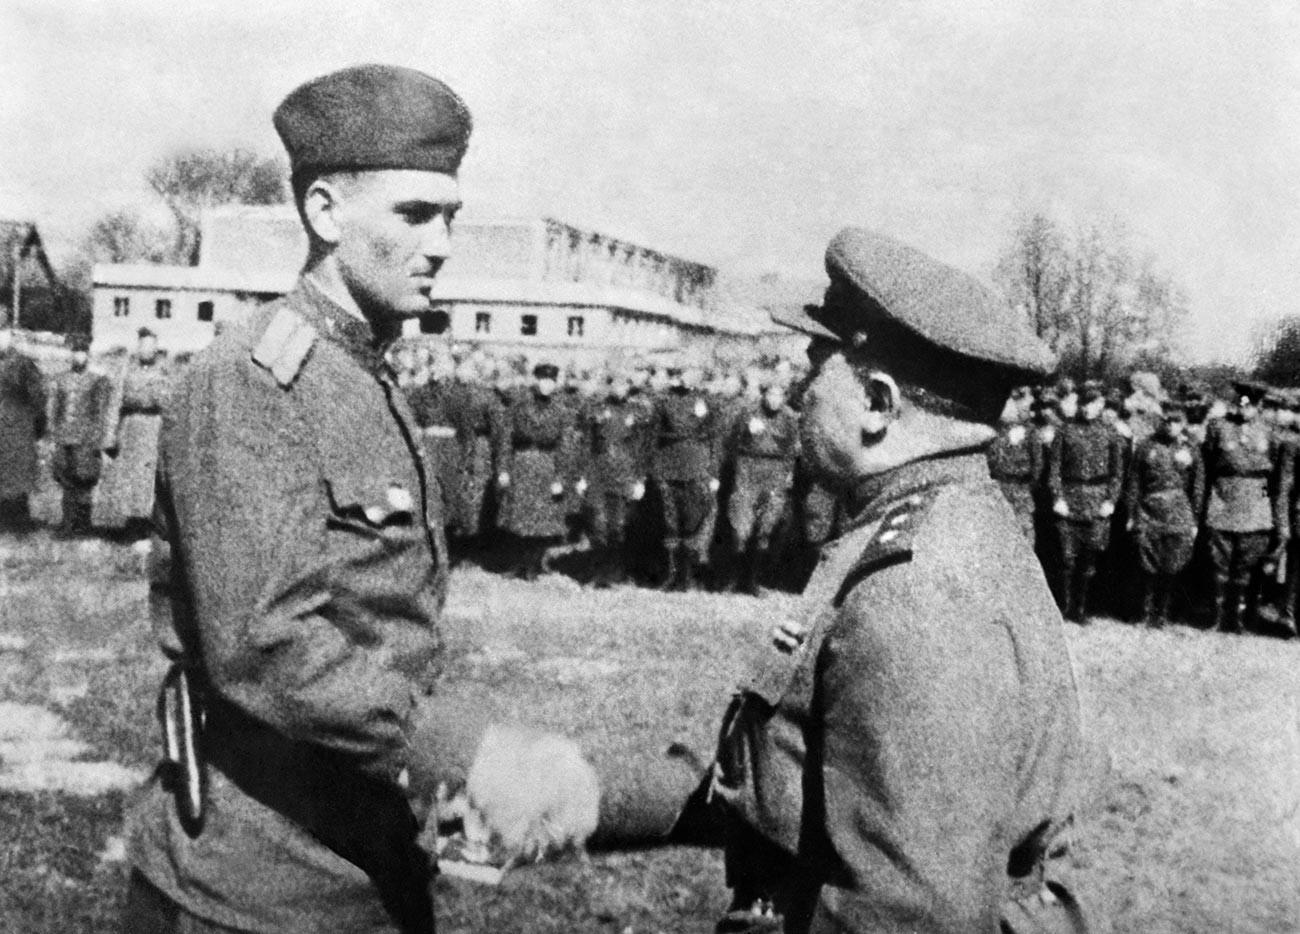 Командващият 5-та ударна армия Николай Берзарин връчва Златна звезда на Героя на Съветския съюз Зия Буниятов